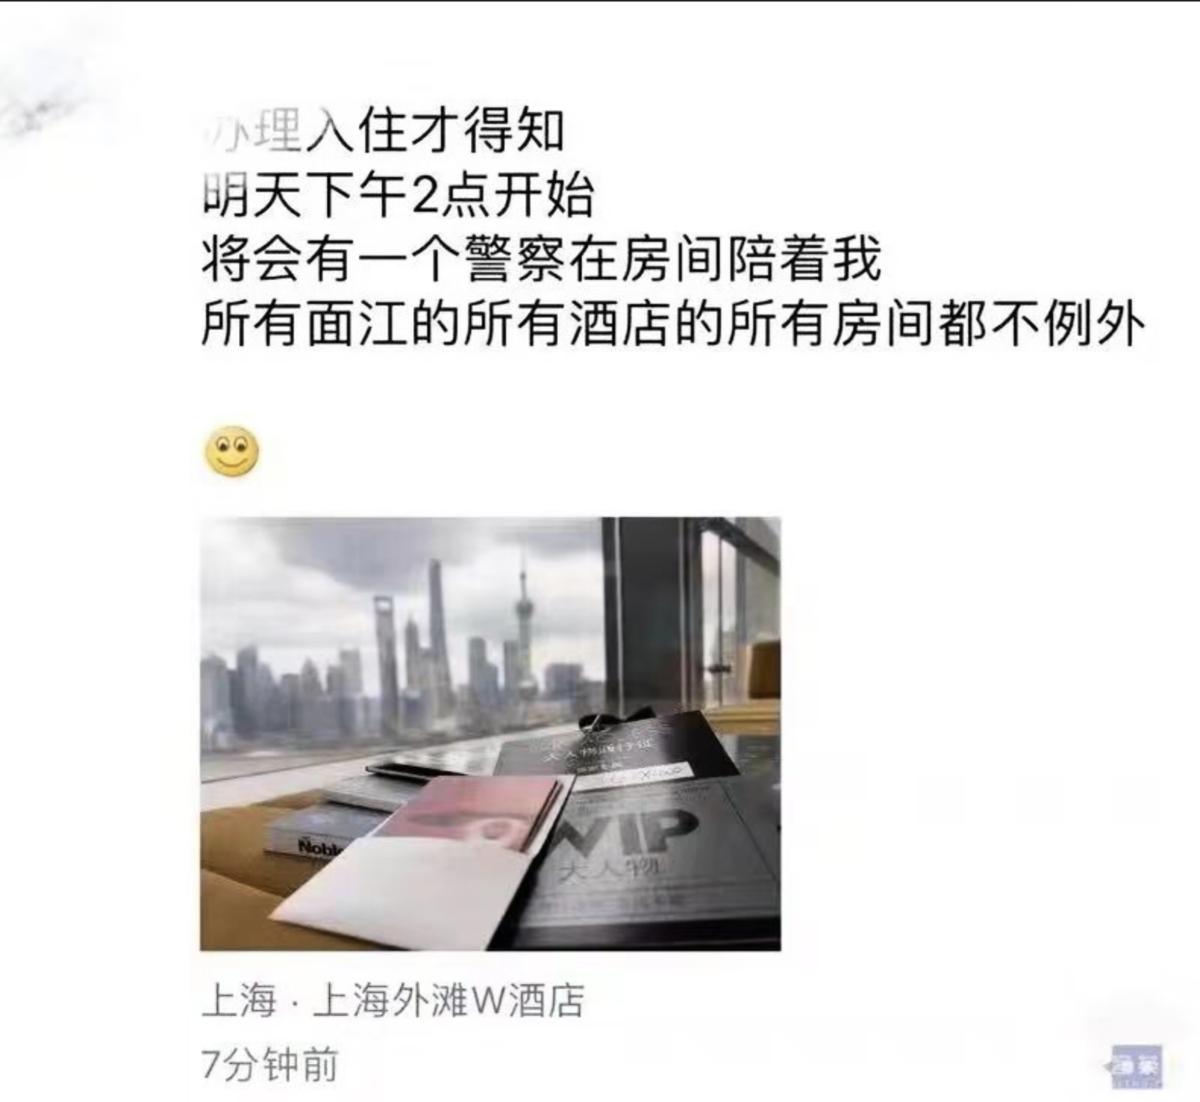 上海外灘W酒店每個房間配備一名警察。(網絡截圖)